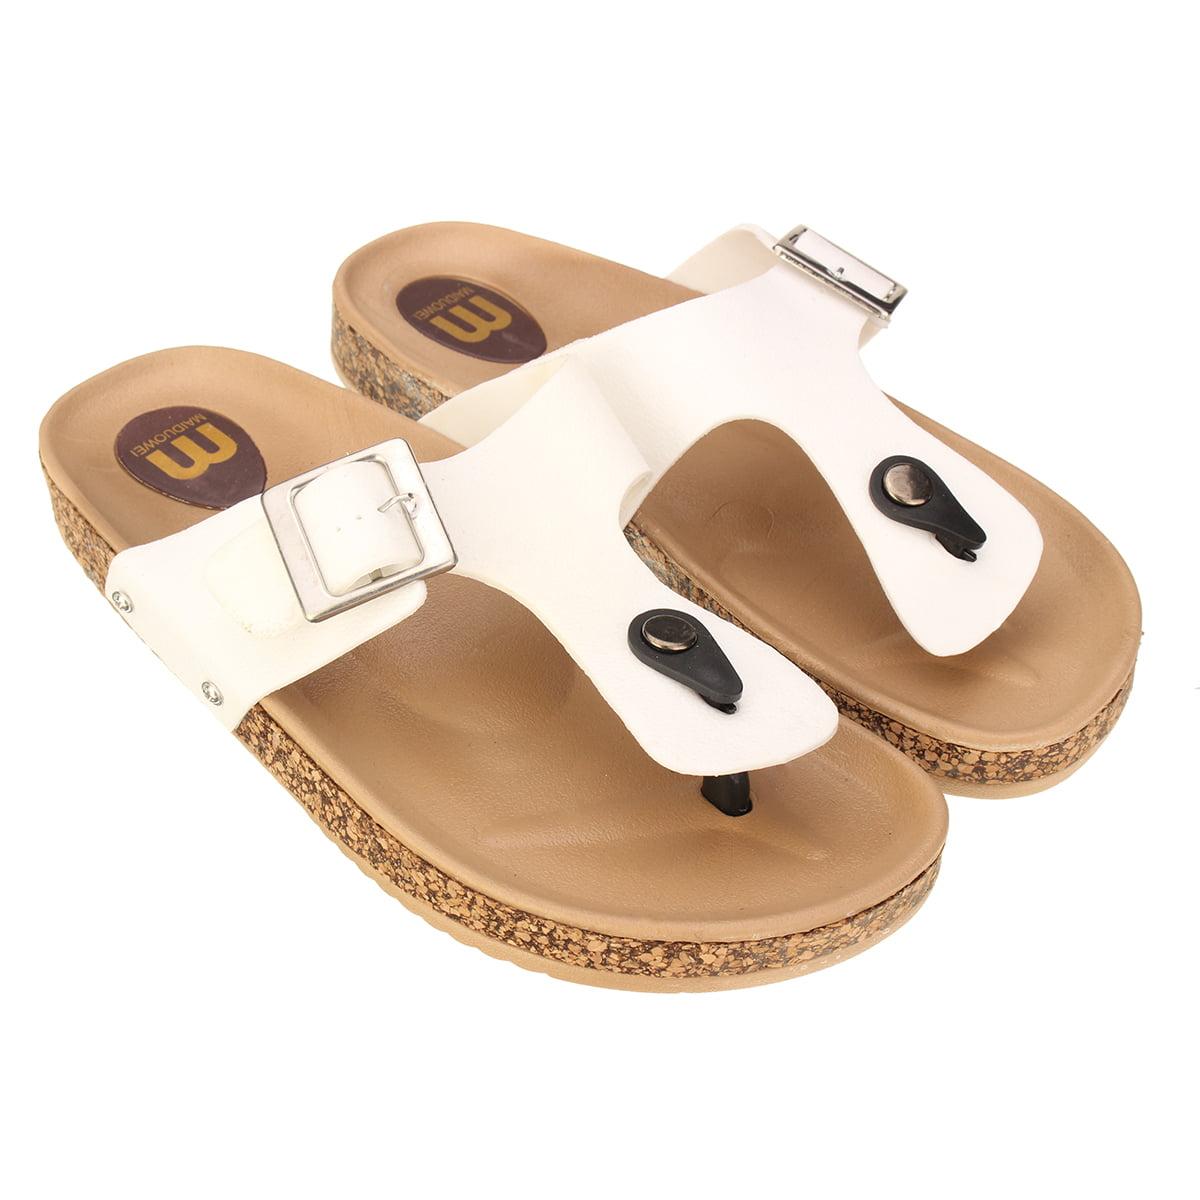 Unisex Summer Beach Slippers Dance Flip-Flop Flat Home Thong Sandal Shoes